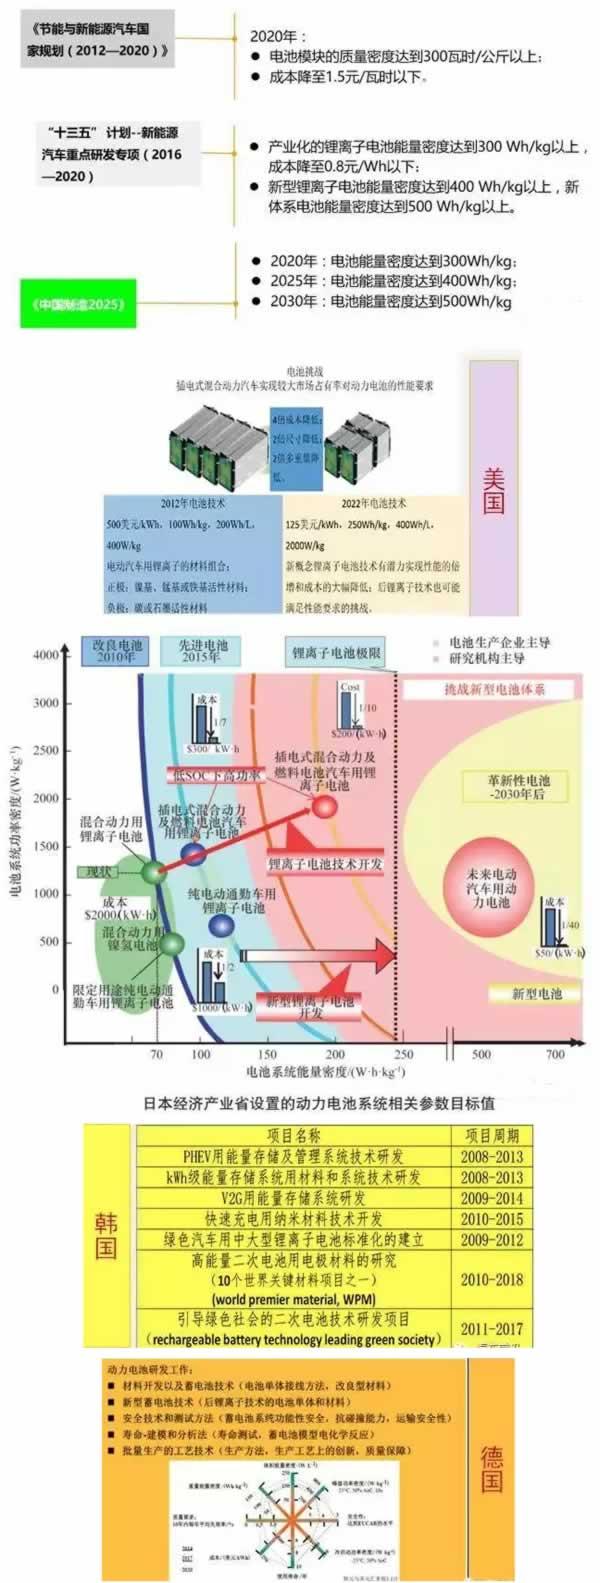 一文看懂国内外动力电池产业发展现状